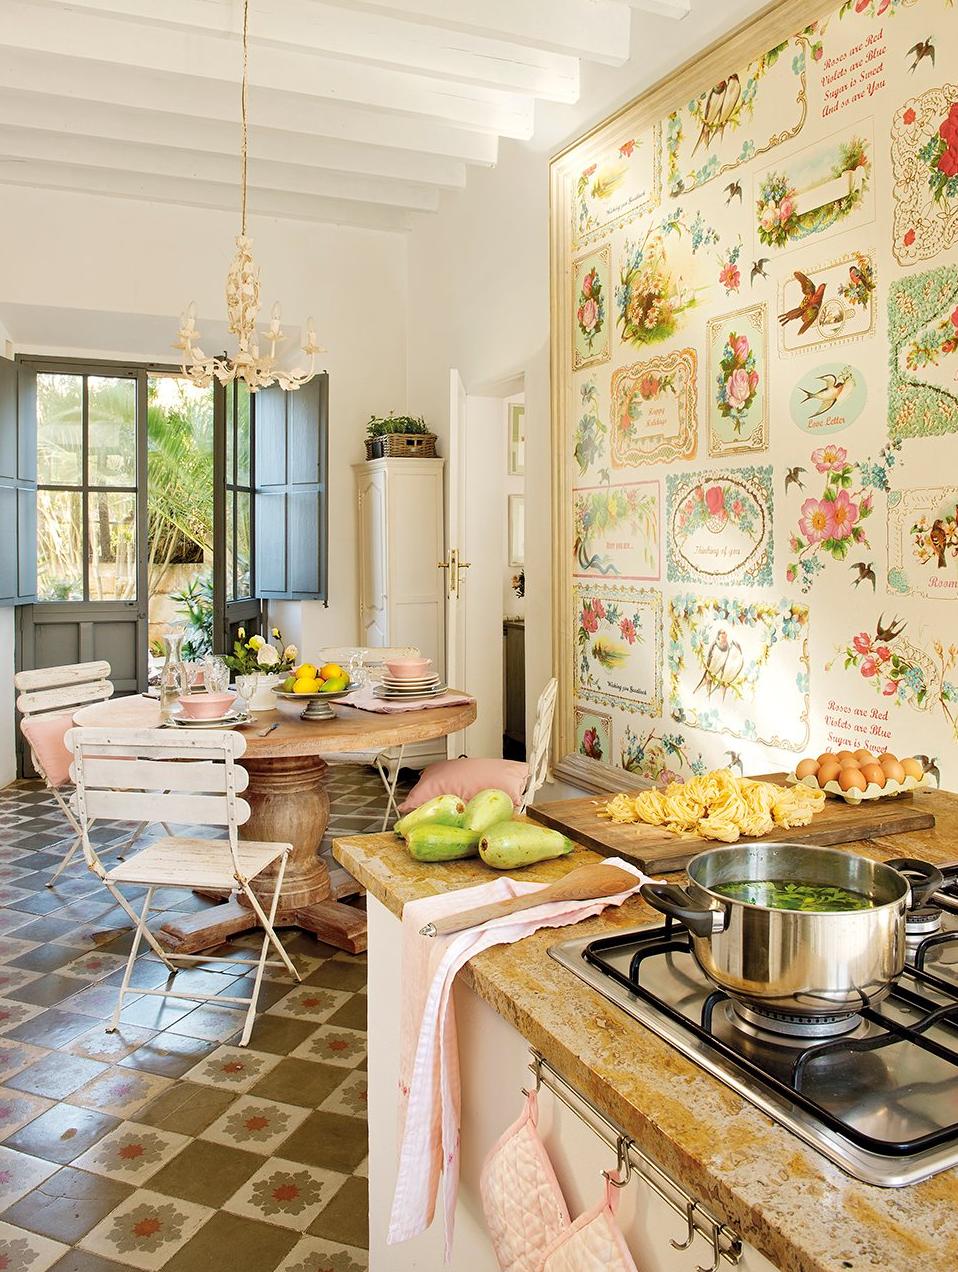 cocina - De antigua estación de tren a romántica casa llena de claridad y encanto